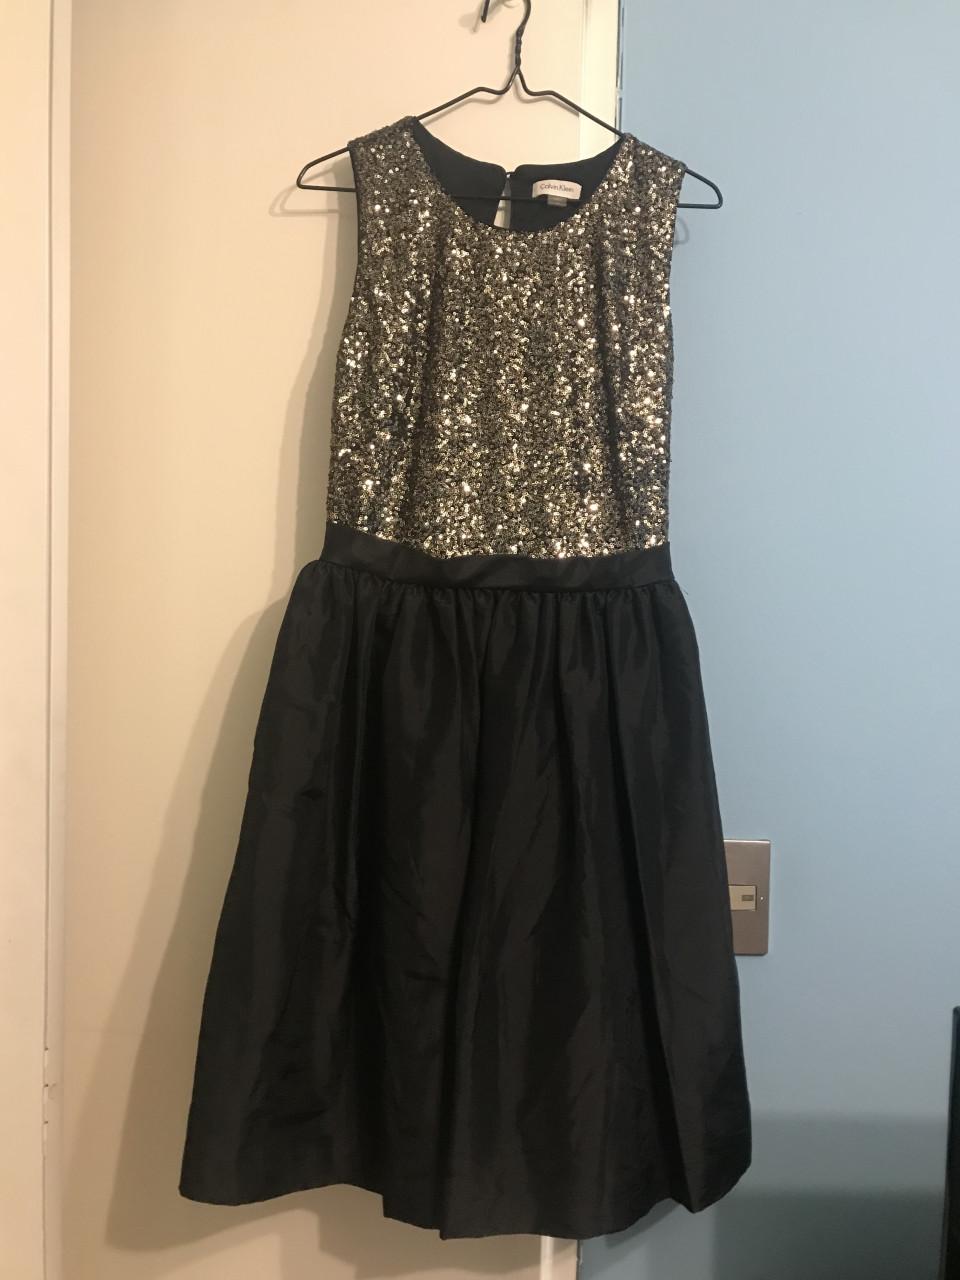 Vendo vestido fiesta talla 42